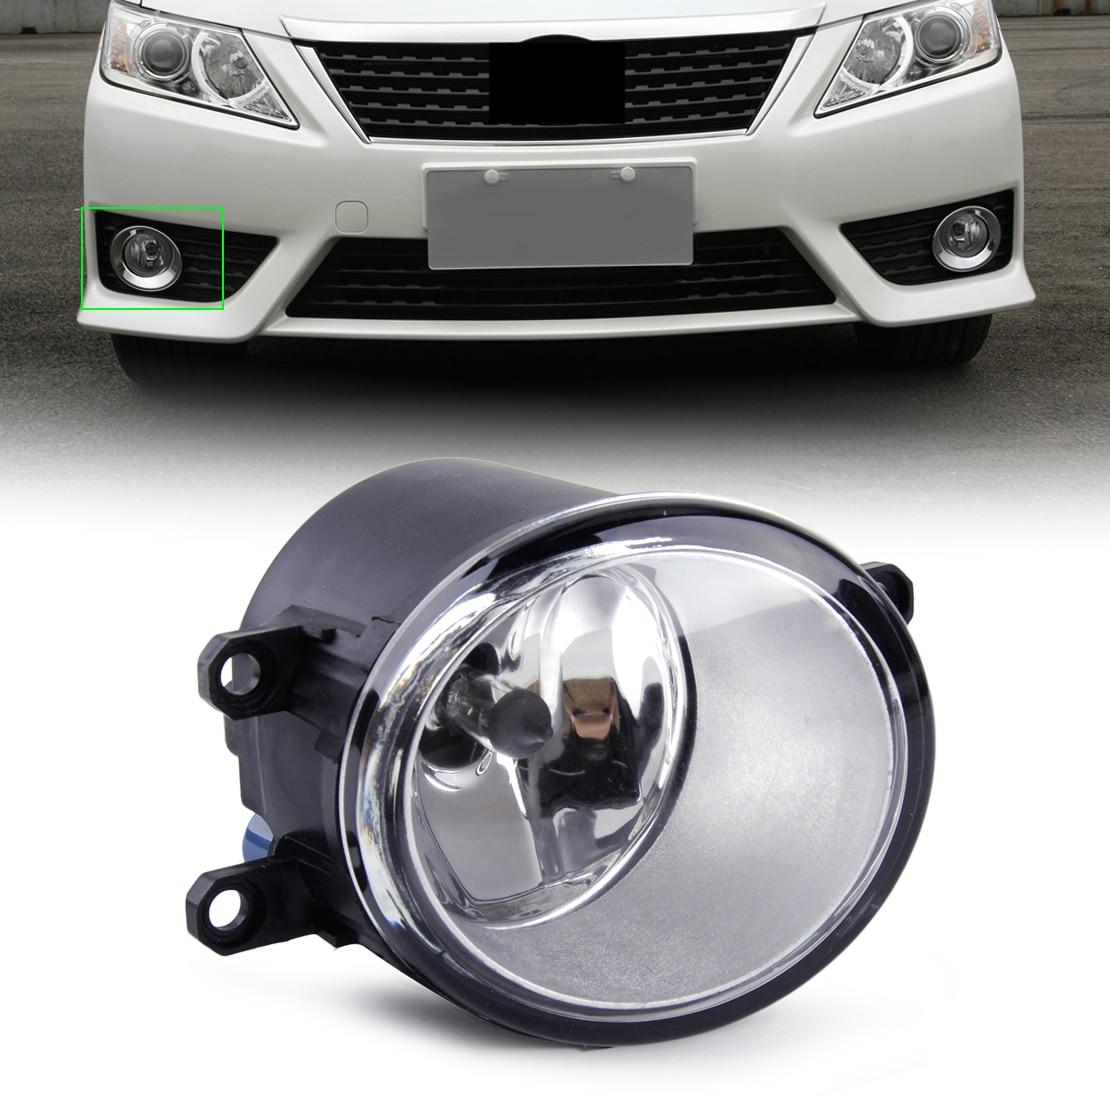 Beler Vorne Rechts Klar Nebel Licht Fahren Lampe 8121006070 Mit Glühbirne Fit Für Toyota Camry Corolla Matrix Yaris Lexus Lx570 Harmonische Farben